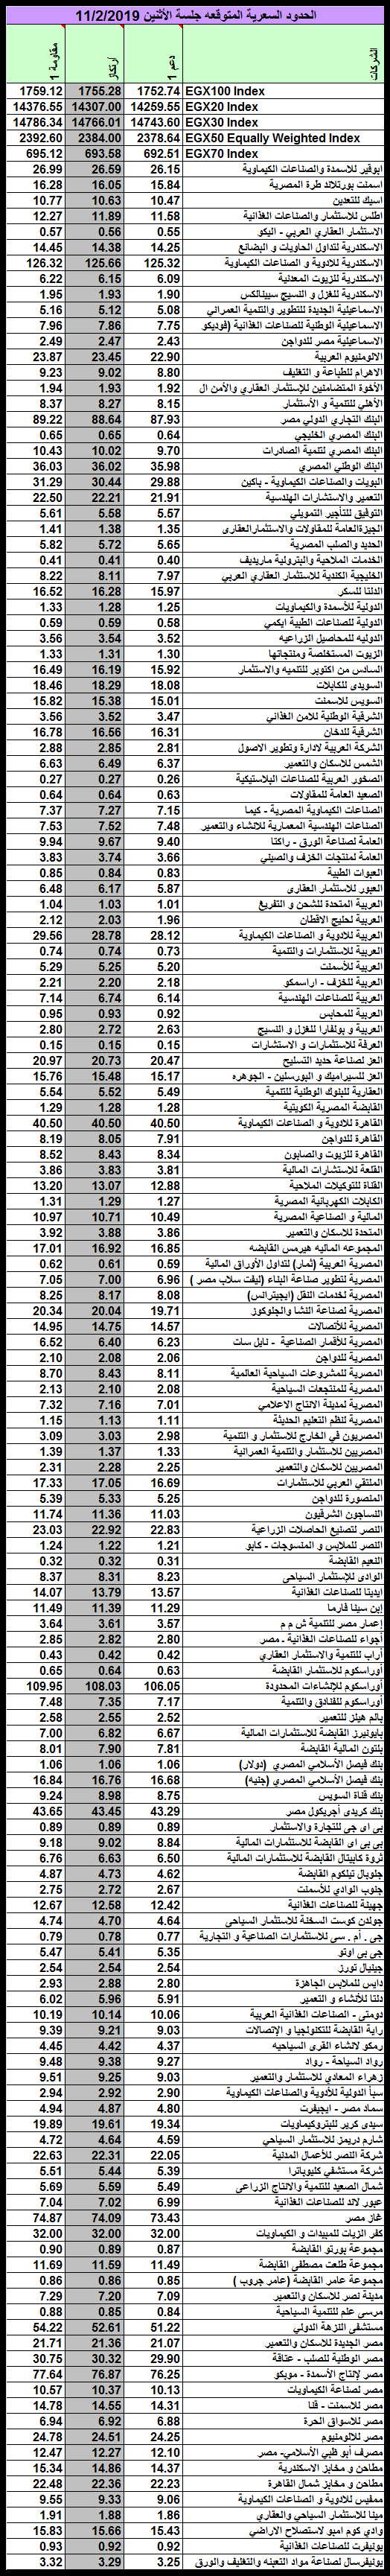 الحدود السعرية المتوقعه جلسة الأثنين 11/2/2019 نادي خبراء المال